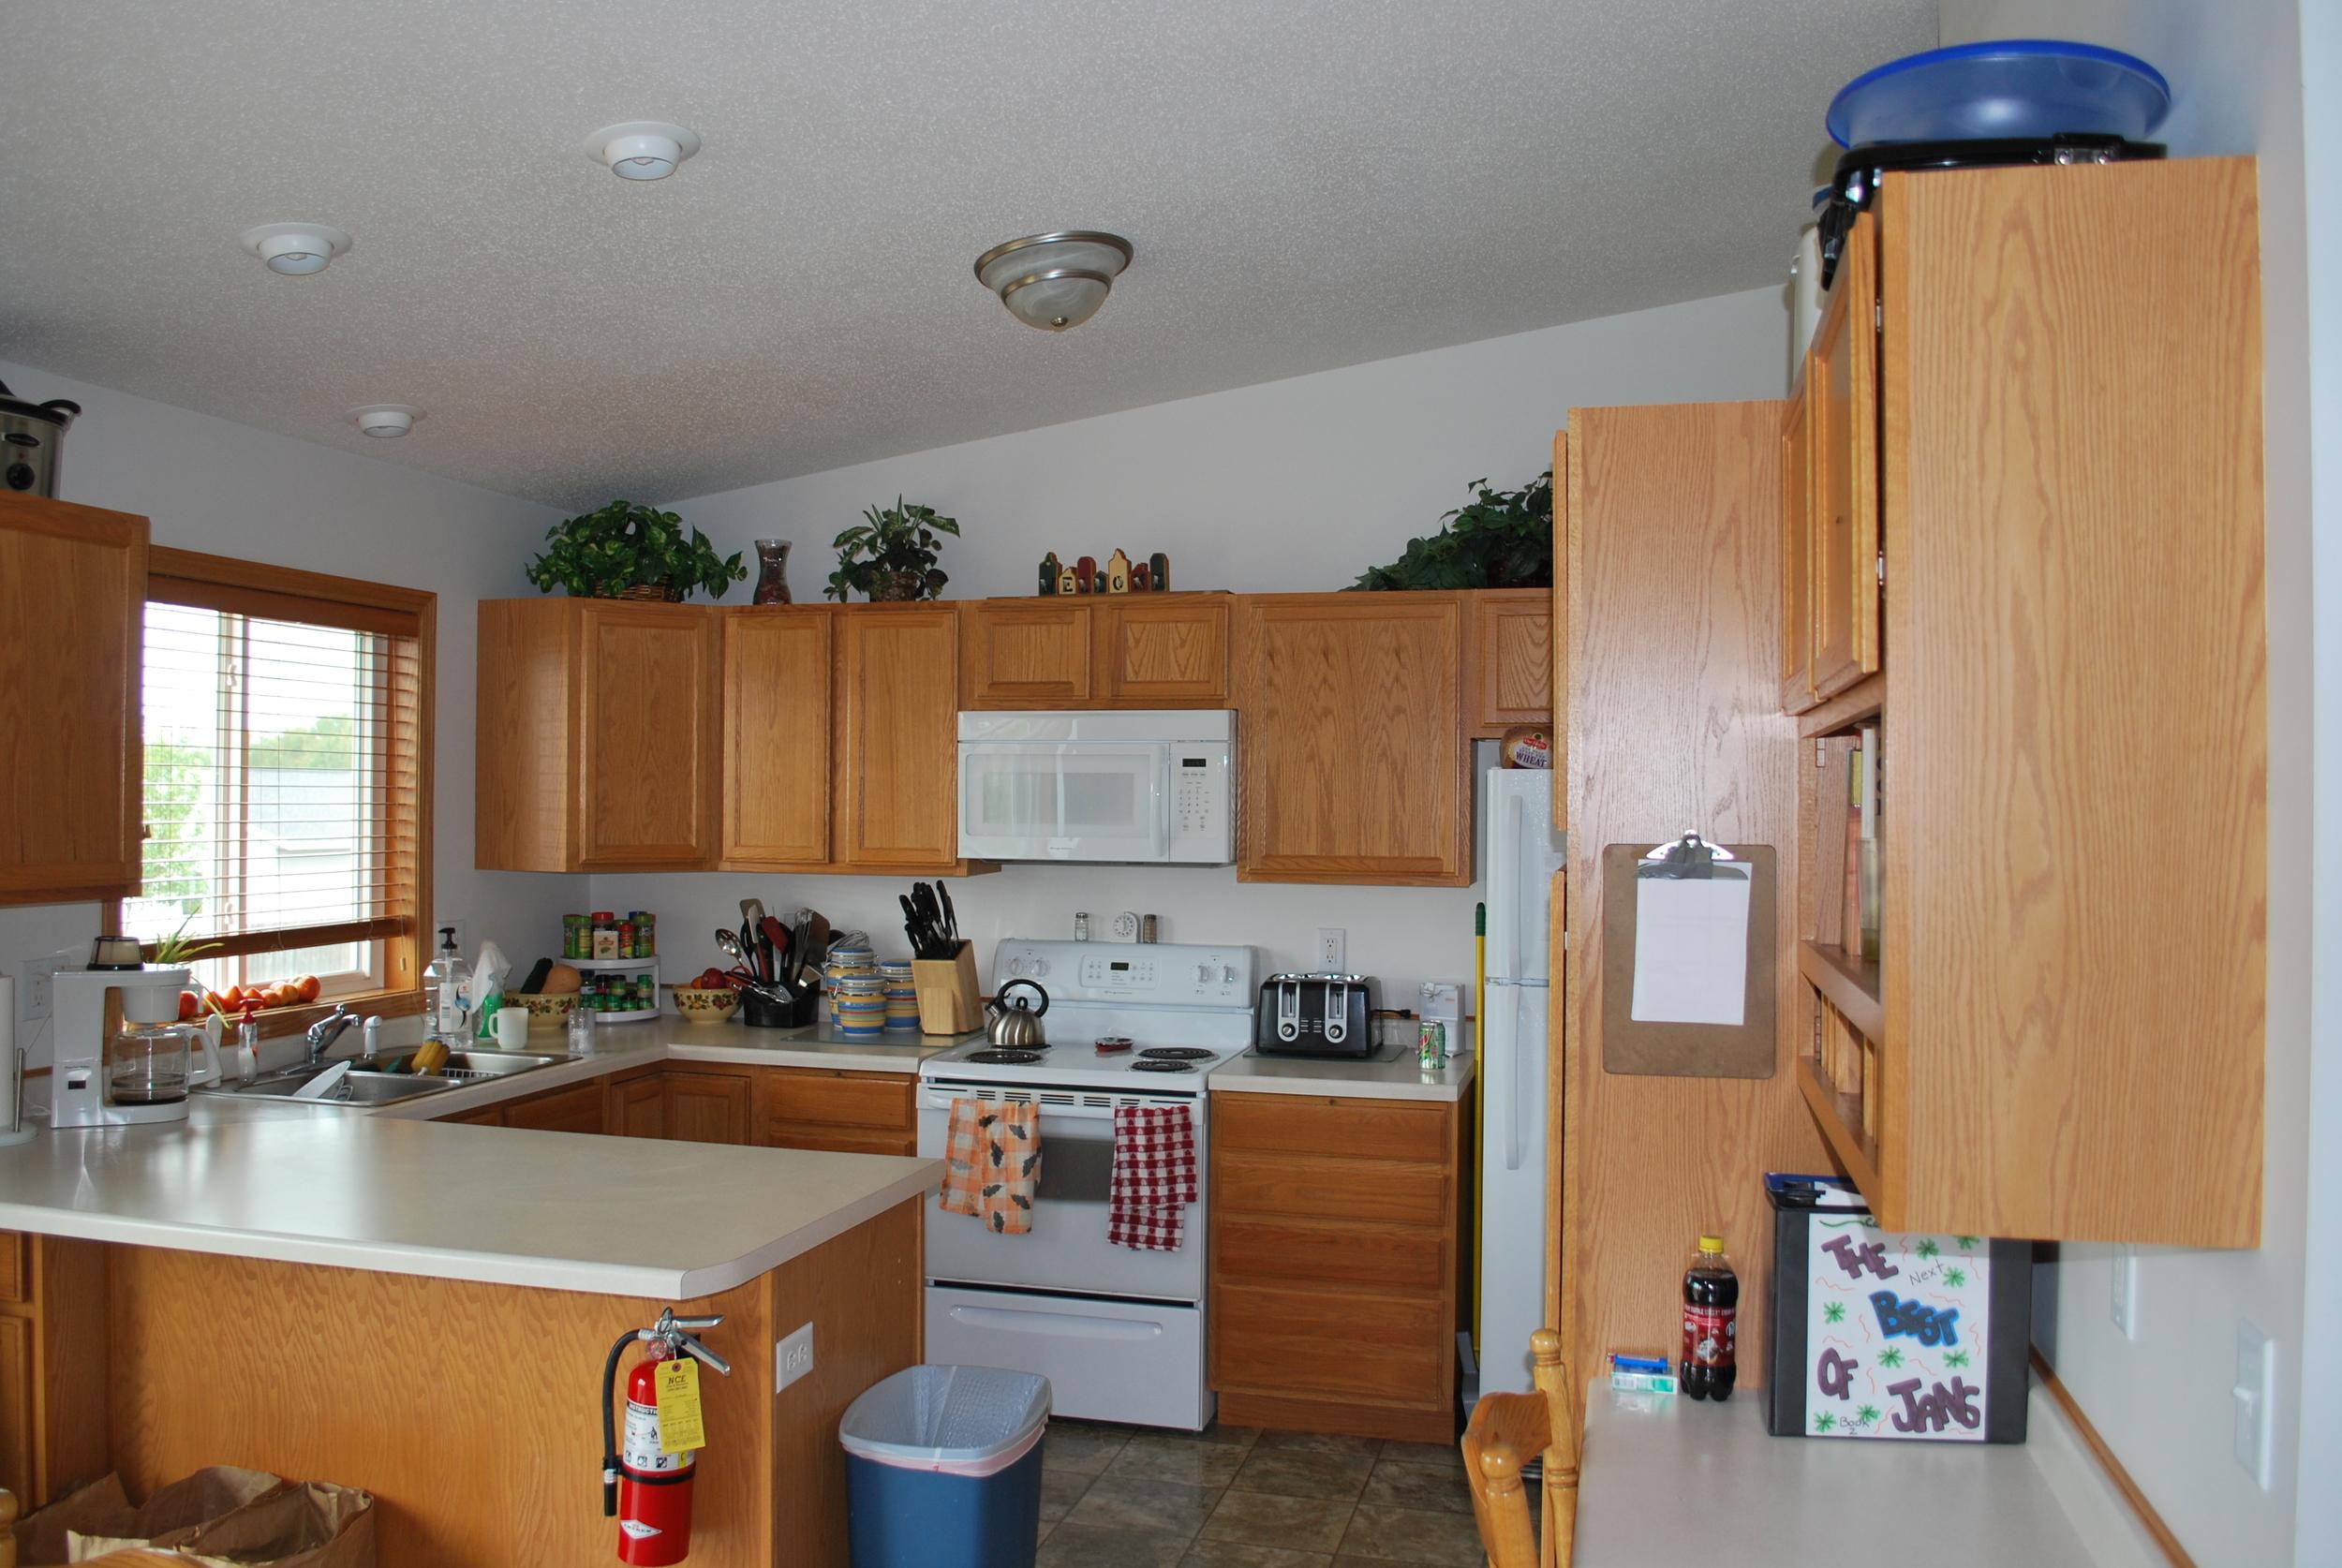 Kitchen - Jan's Place (AFC)